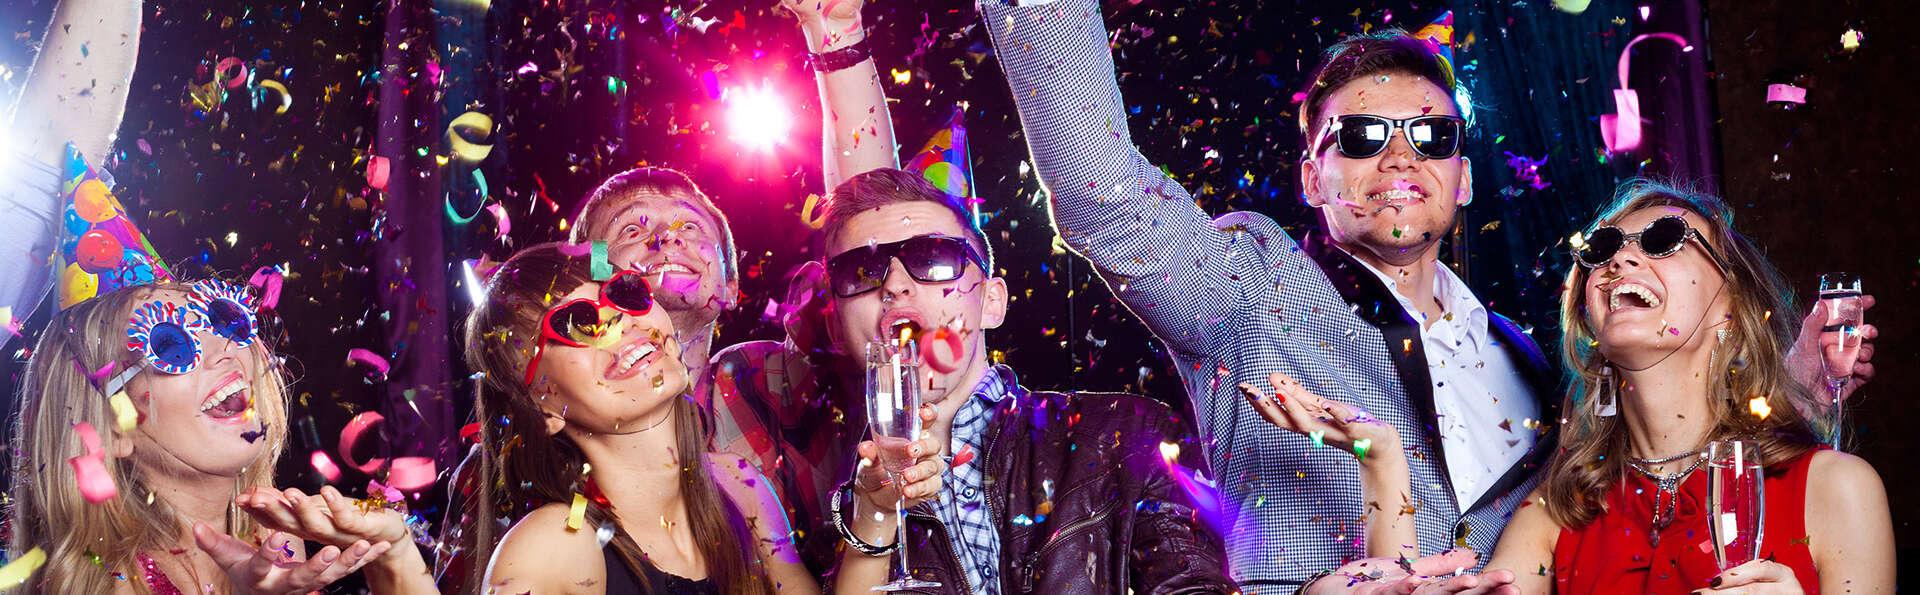 Célébrez un nouvel an gourmand avec une soirée dansante en bord de mer (à partir de 2 nuits)